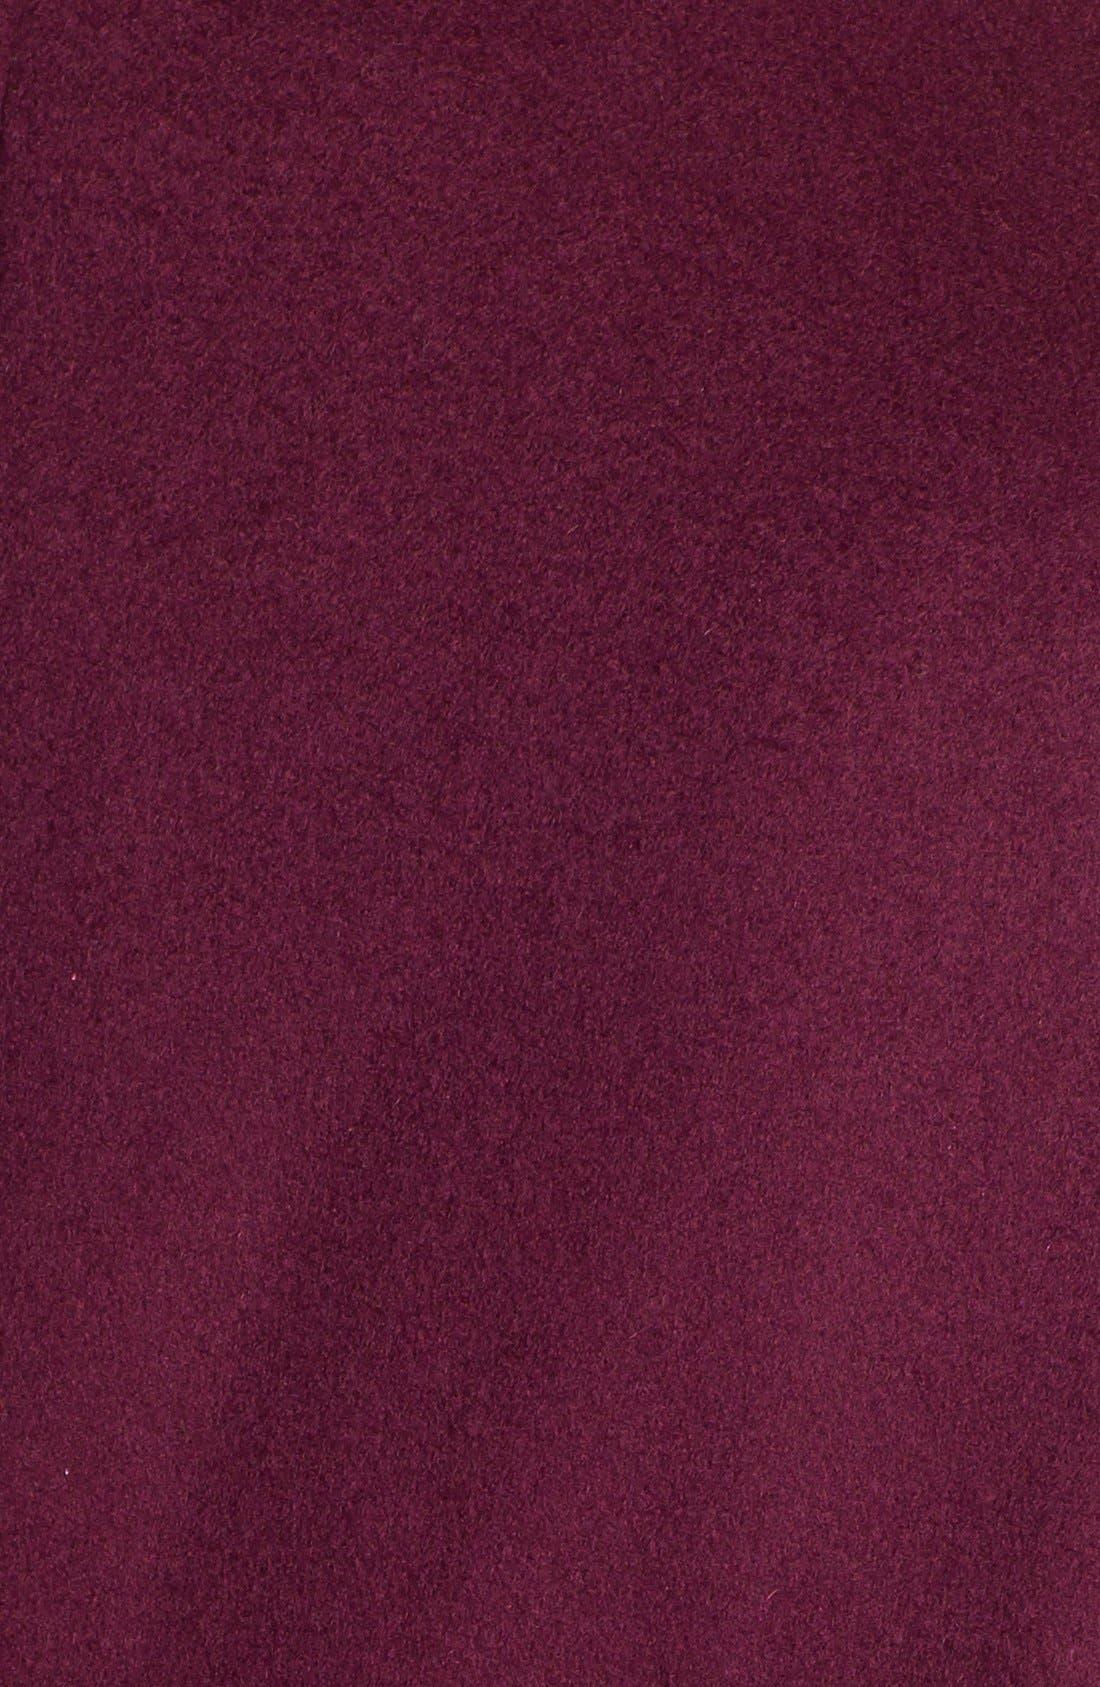 Alternate Image 3  - BOSS HUGO BOSS 'Celirela' Stand Collar Coat